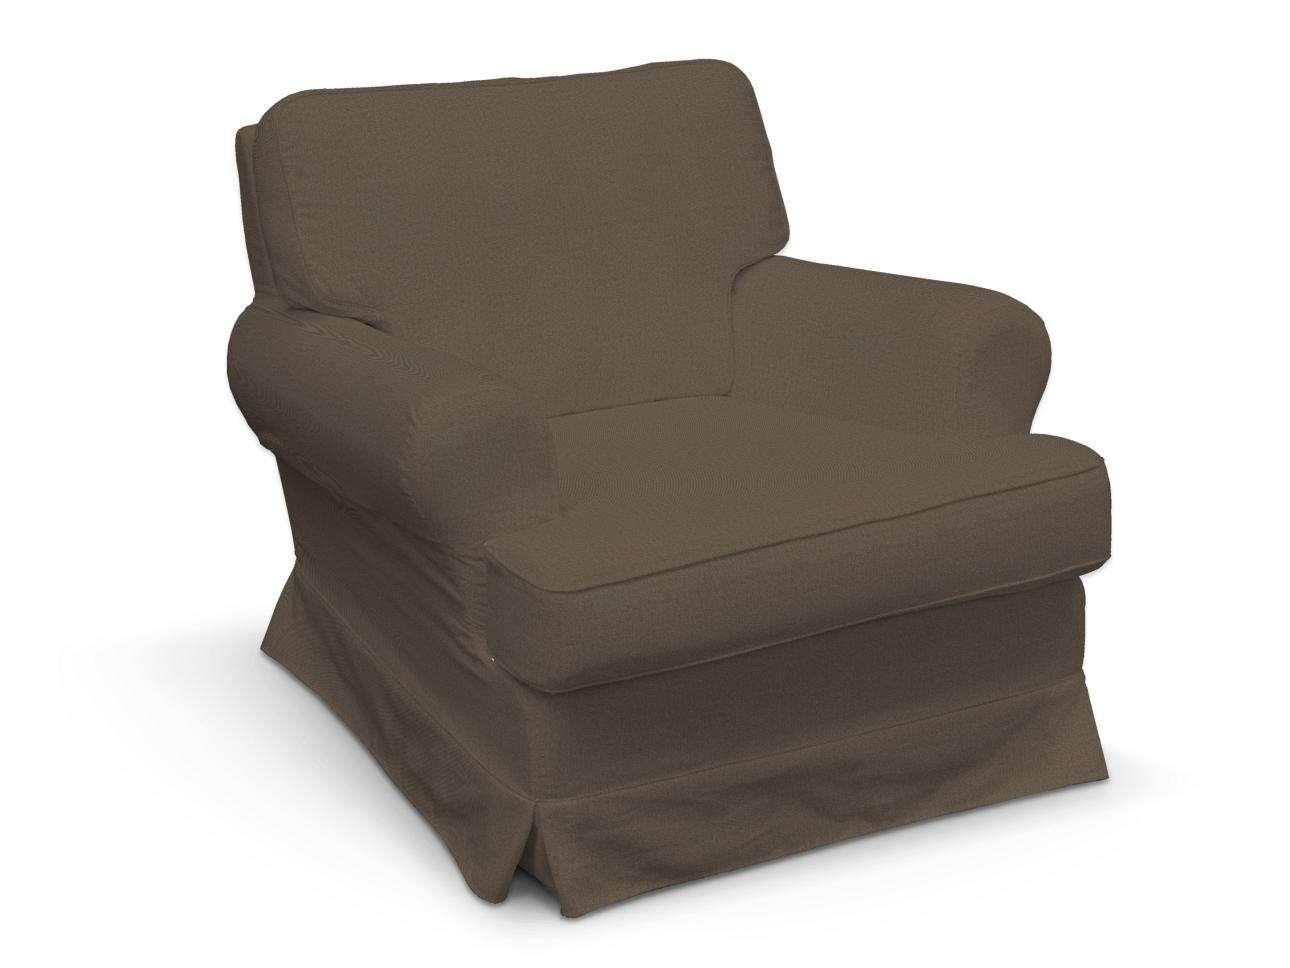 Pokrowiec na fotel Barkaby w kolekcji Etna , tkanina: 705-08